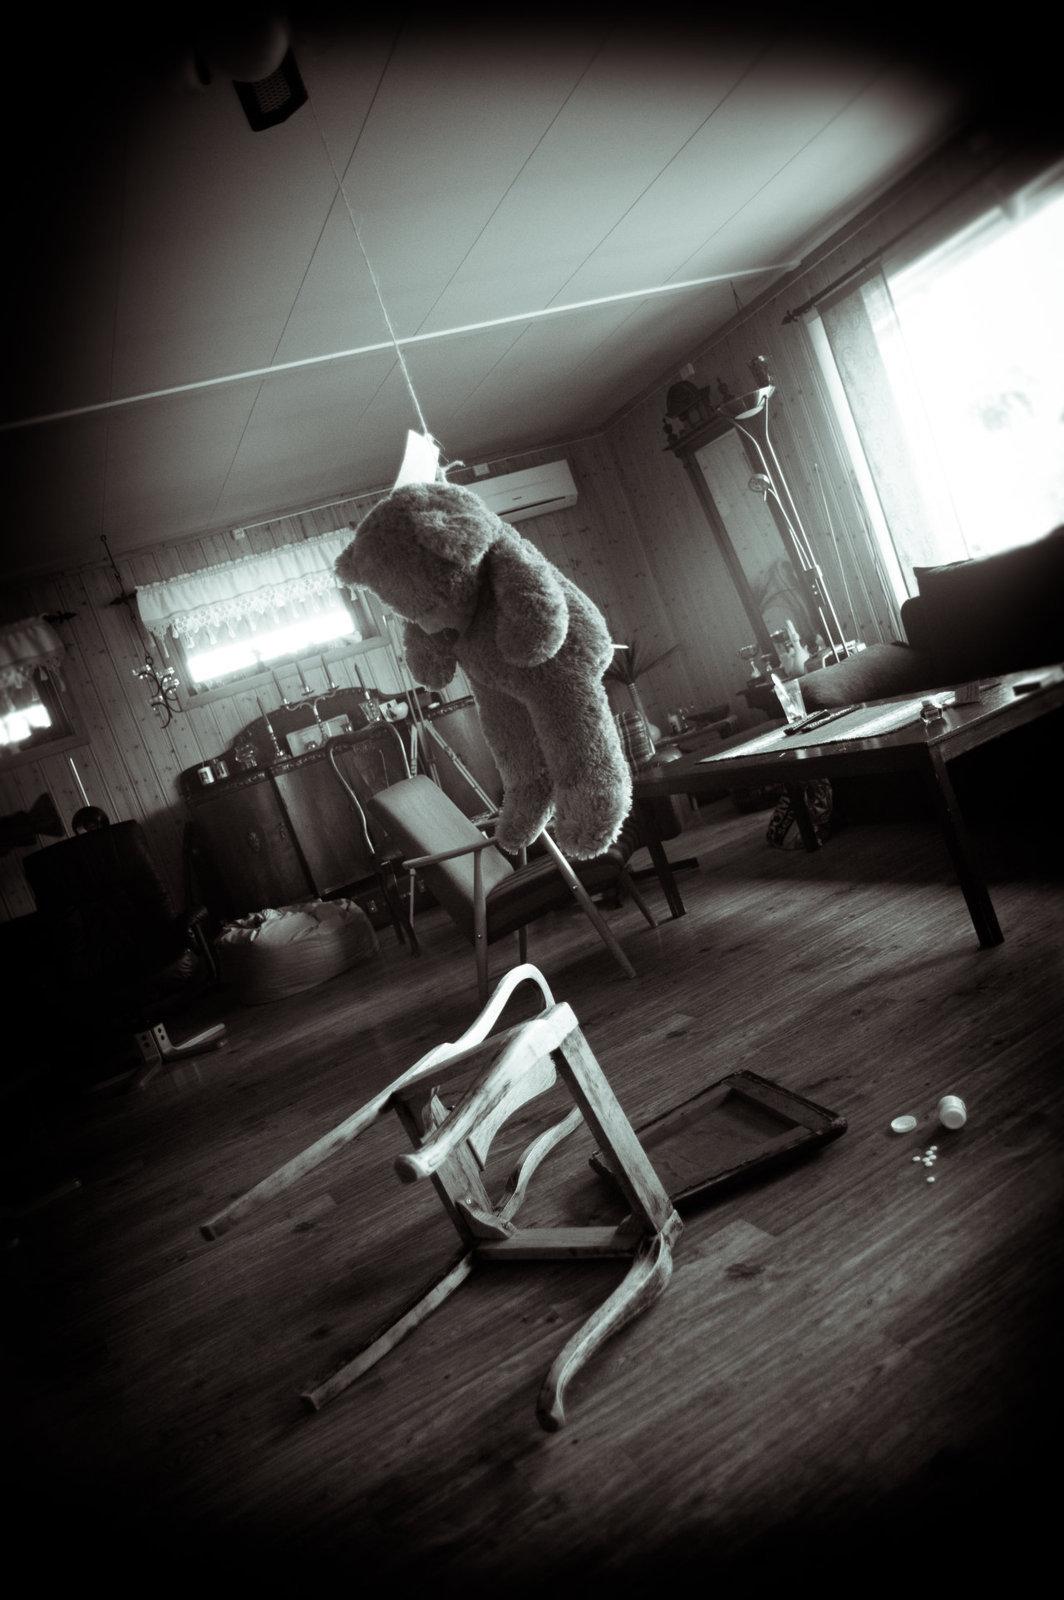 suicide_of_a_teddy_bear_by_karlpeder-d56vinq.jpg